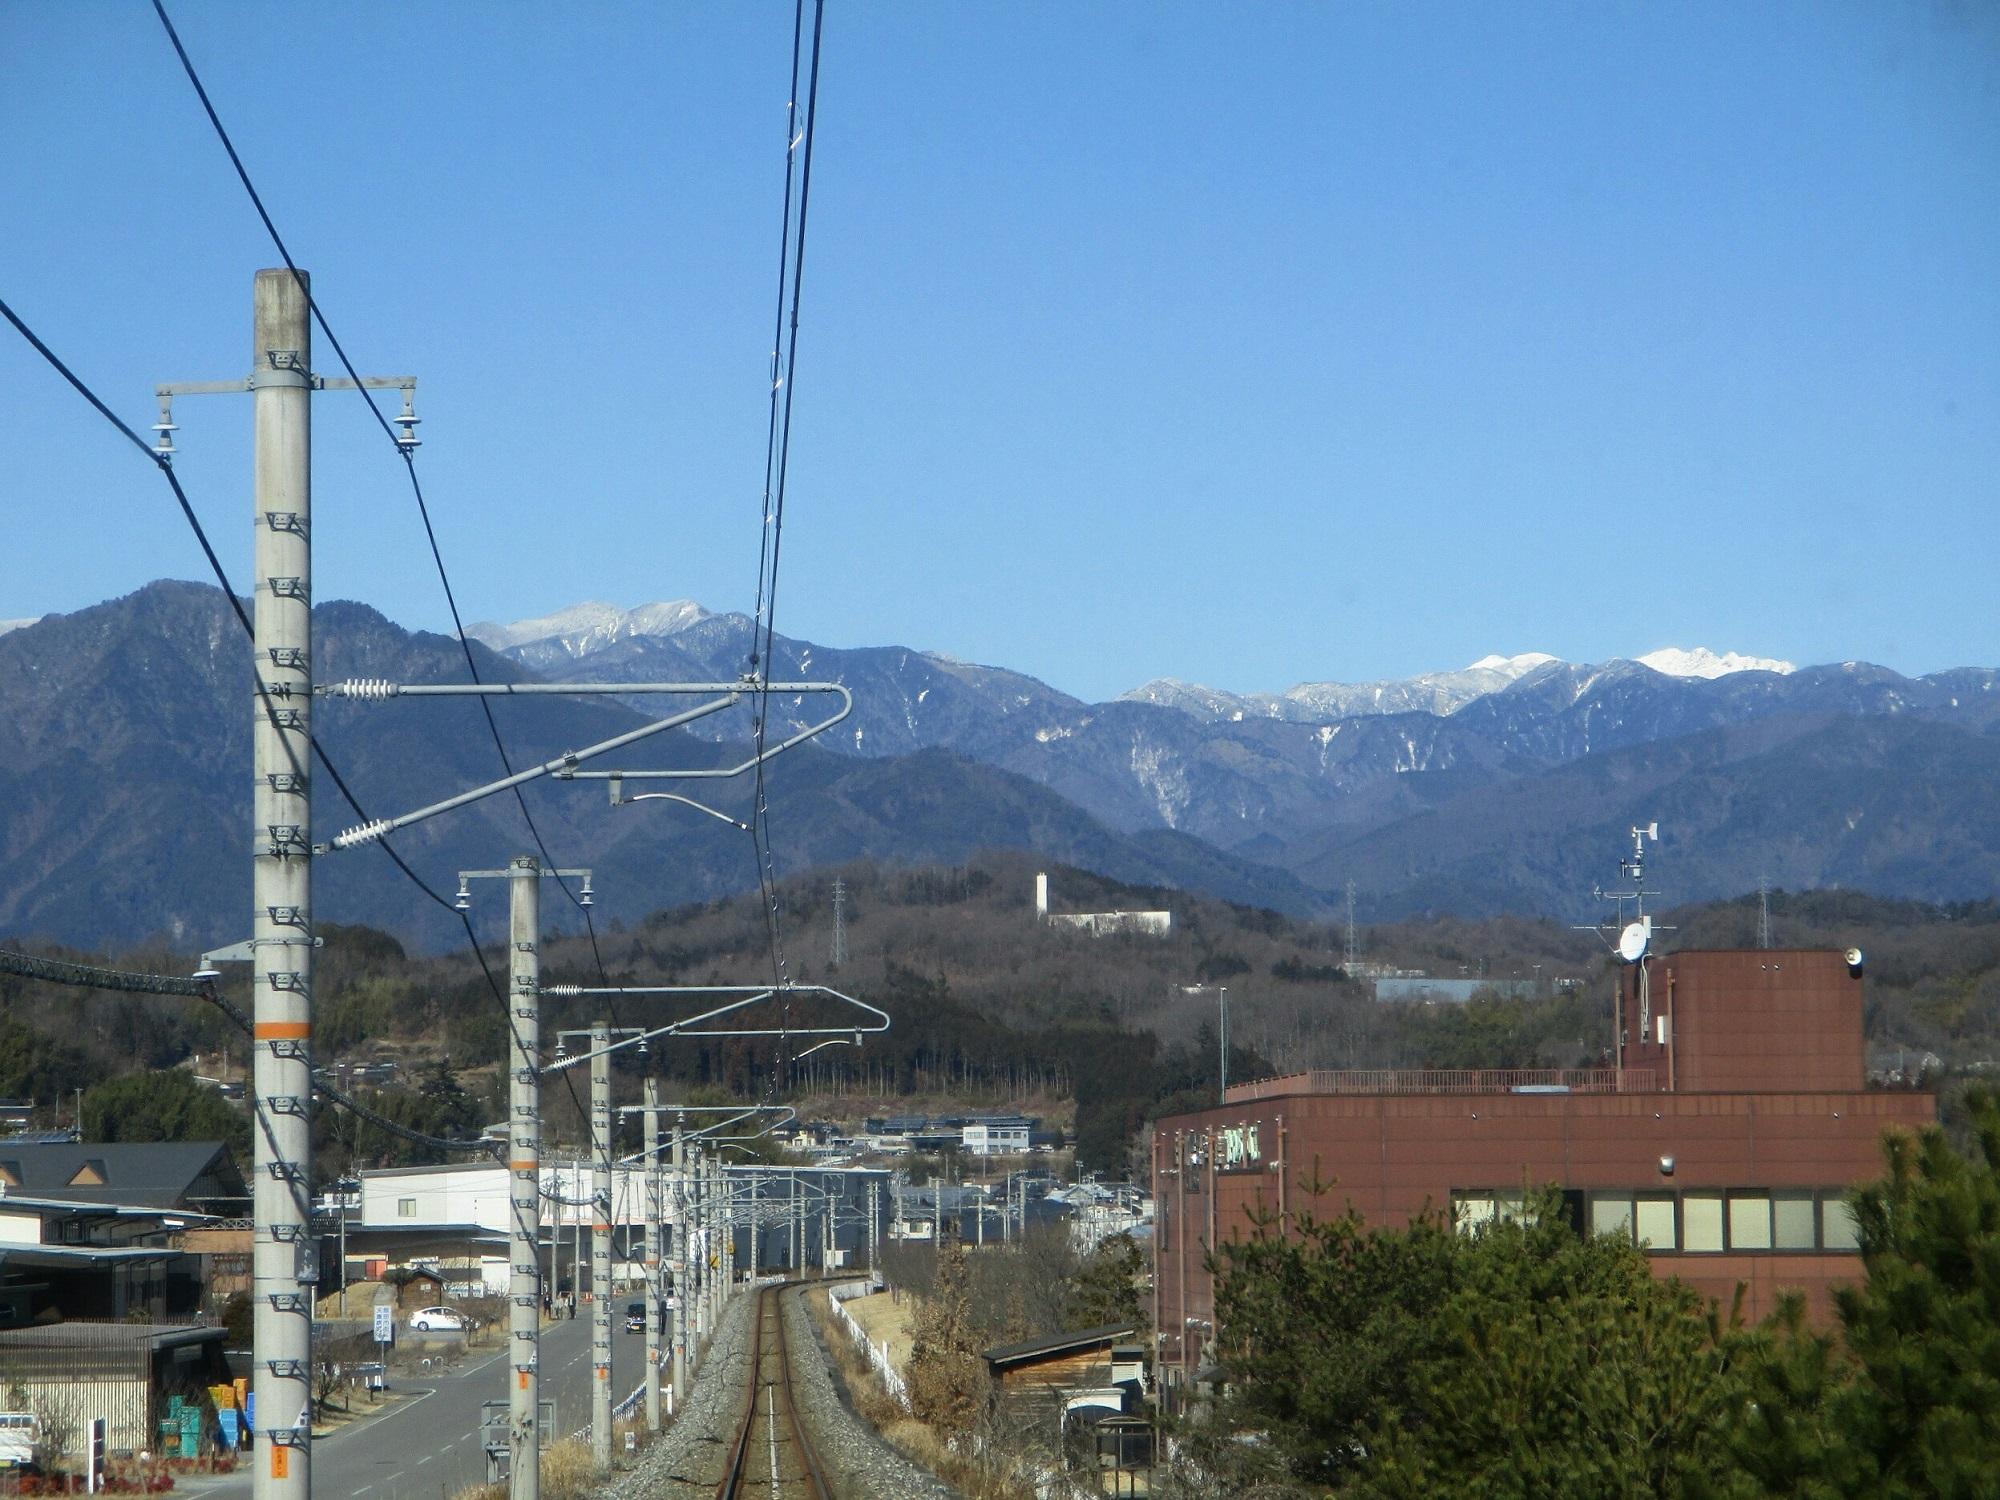 2019.1.24 (124) 茅野いきふつう - 天竜峡川路間 2000-1500